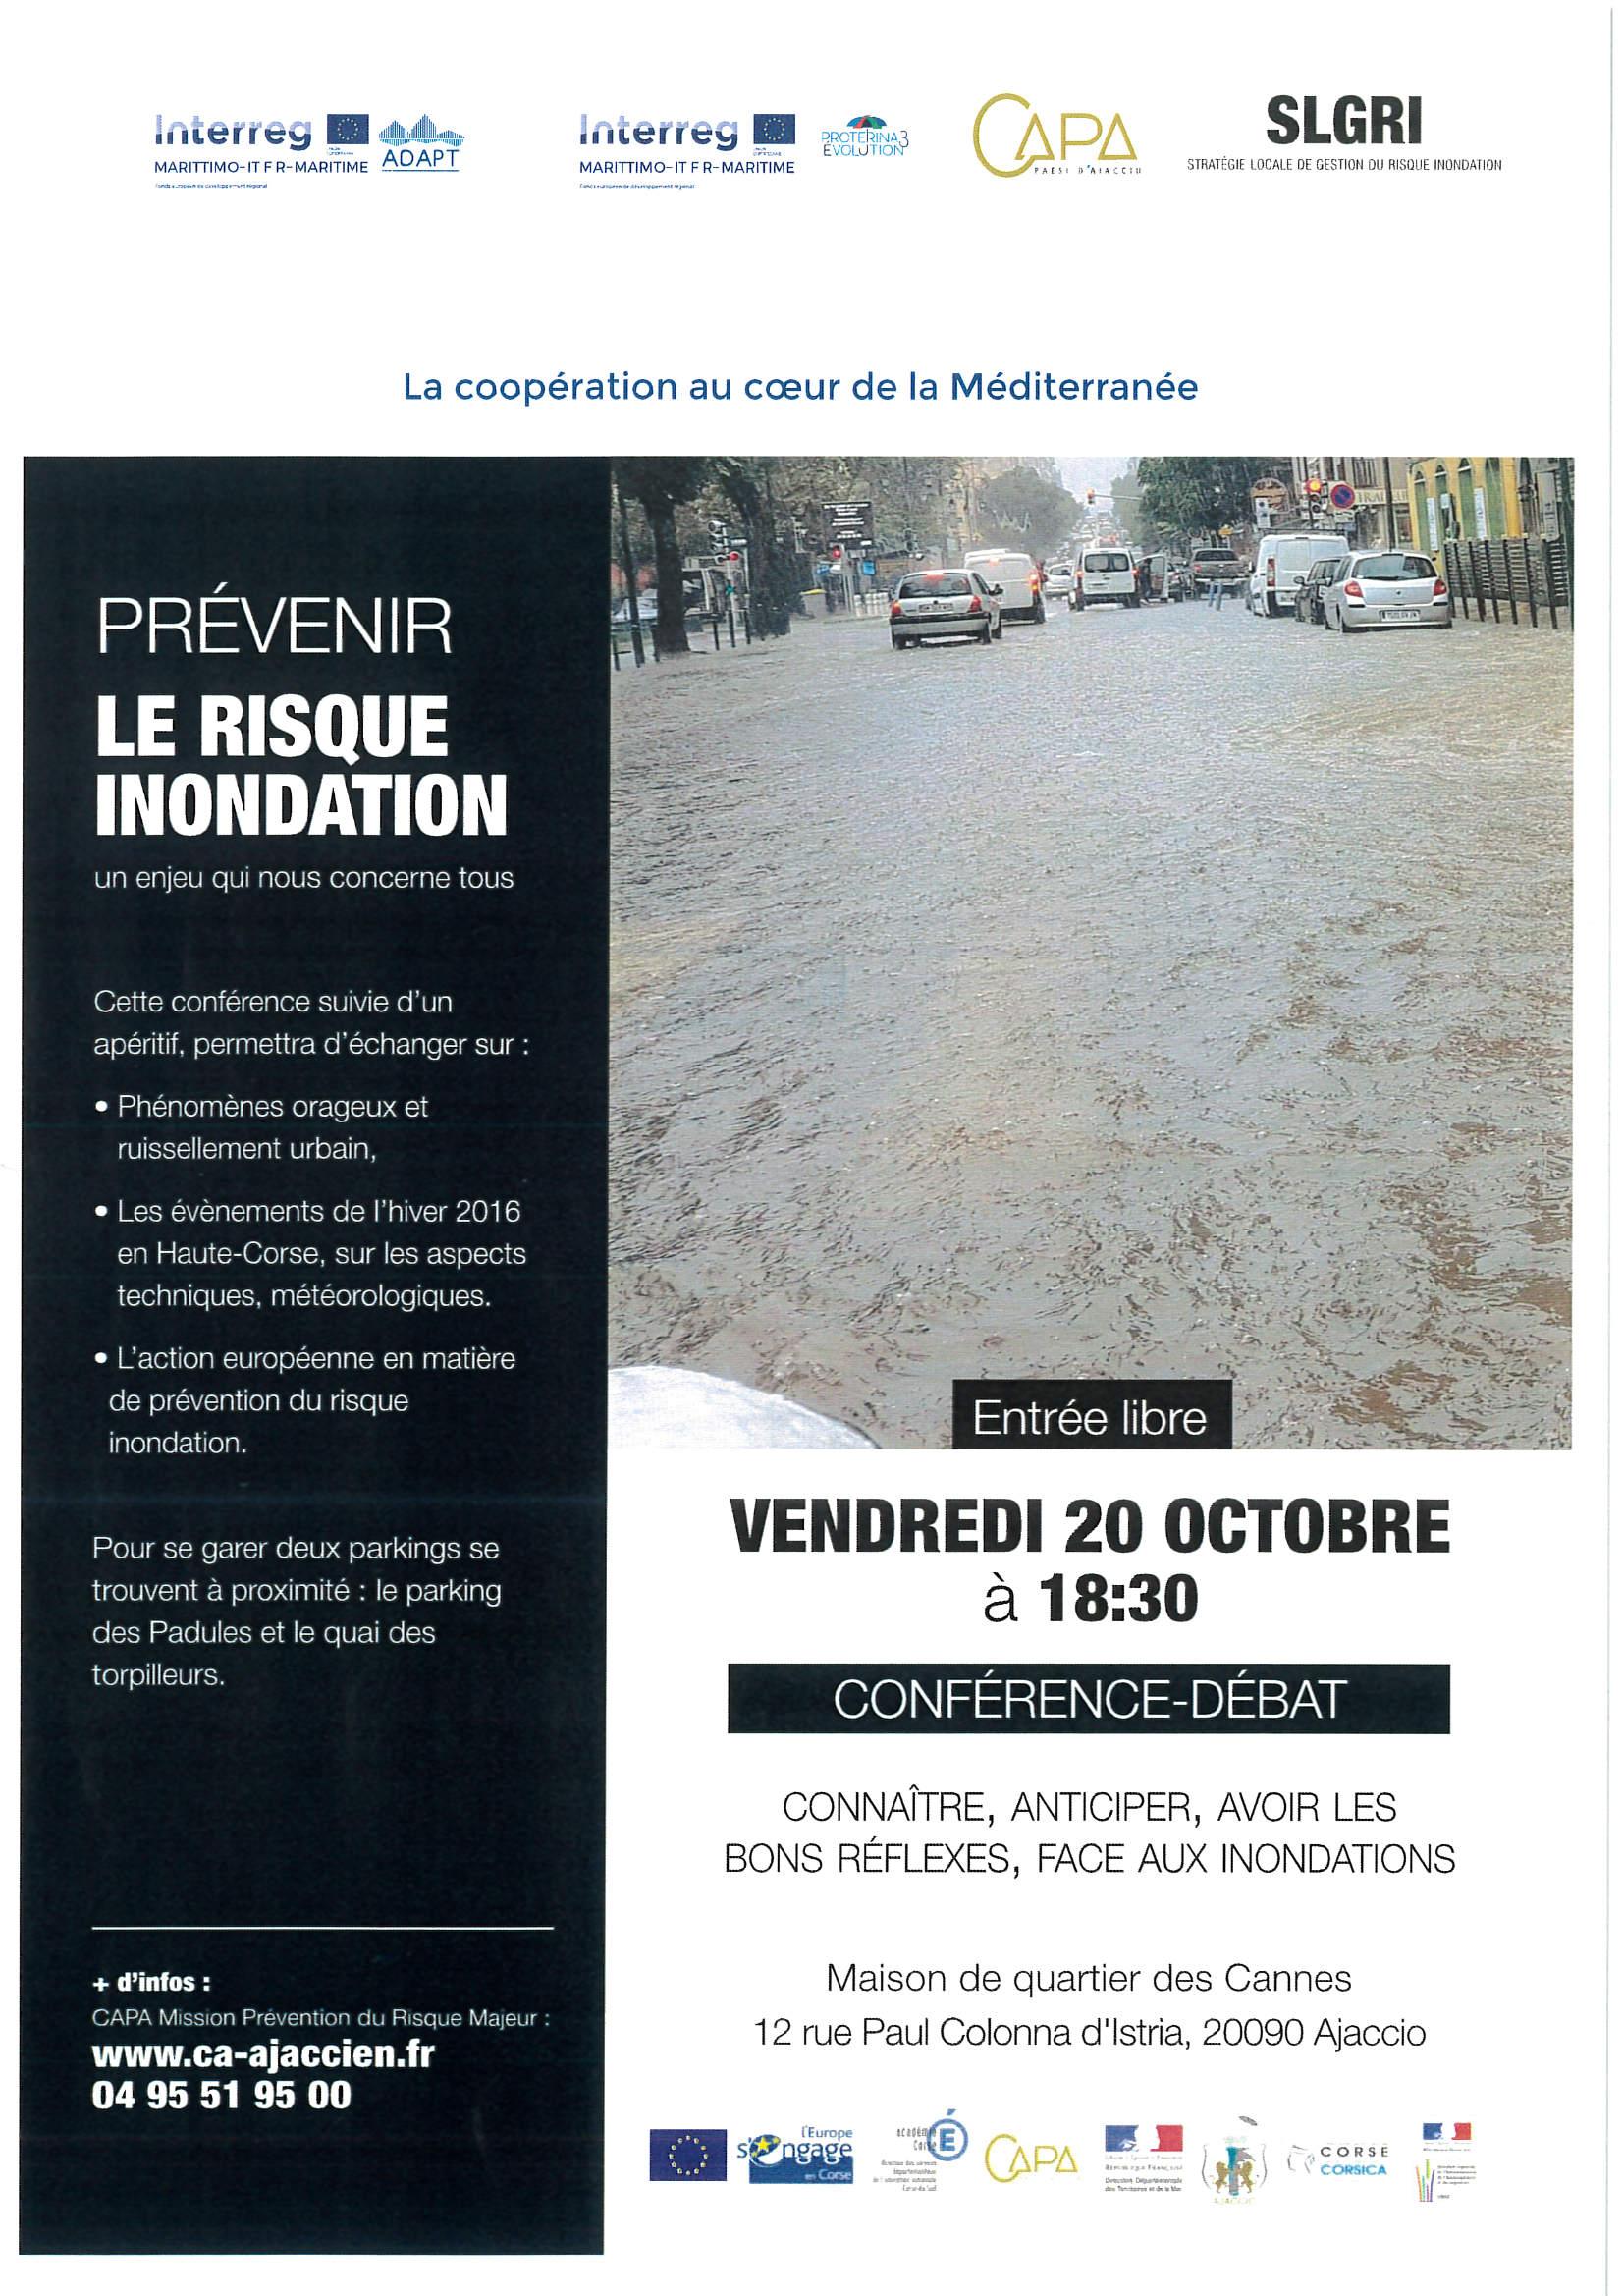 Conférence Débat le 20 Octobre 2017 à 18h30 Maison de Quartier des Cannes